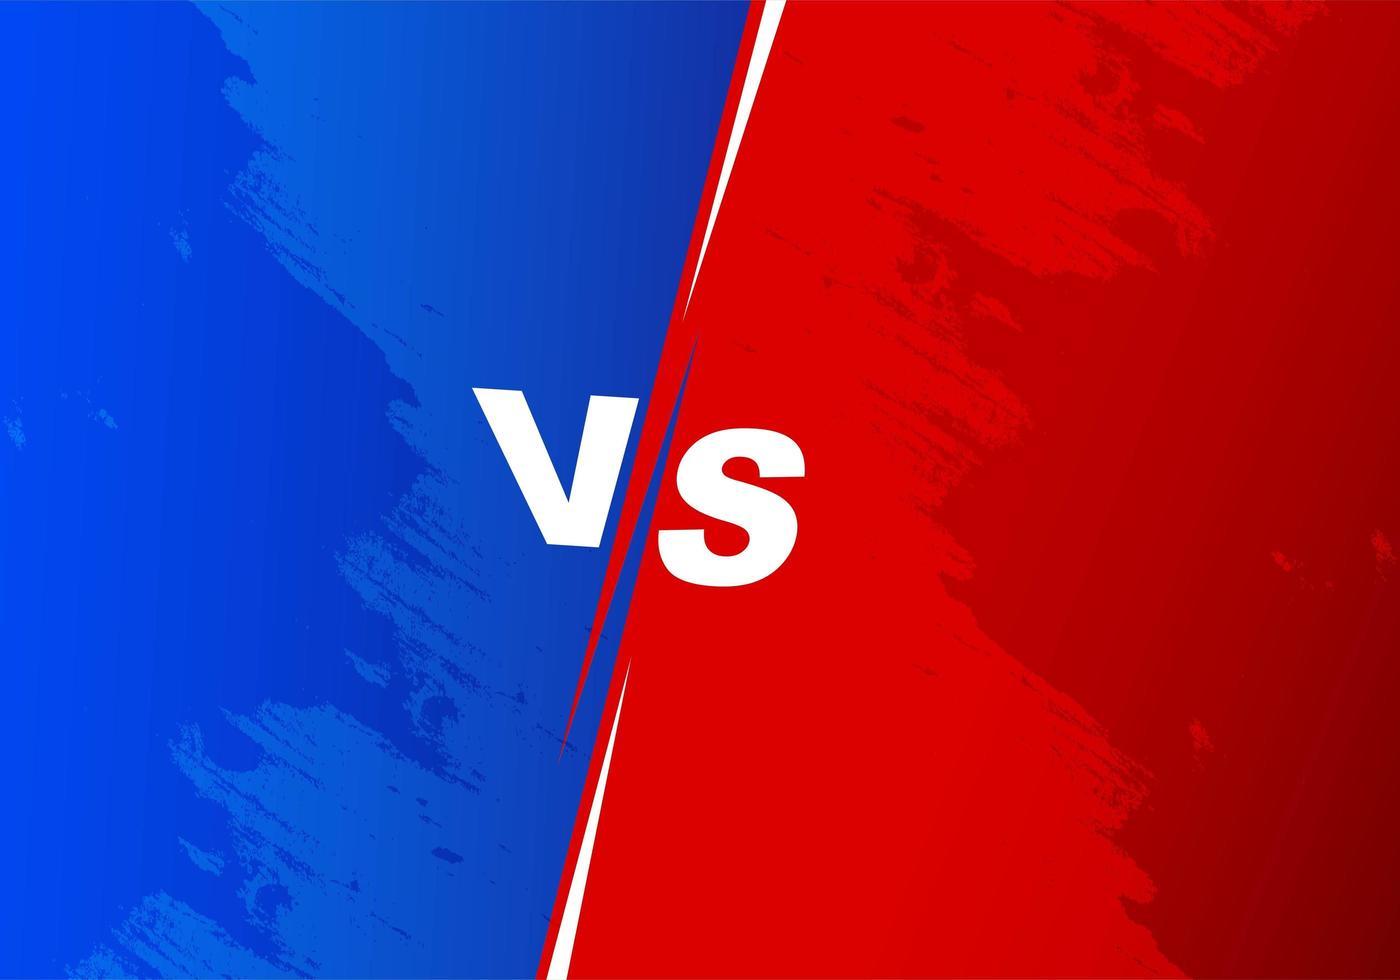 pantalla azul y roja versus pantalla dividida vector